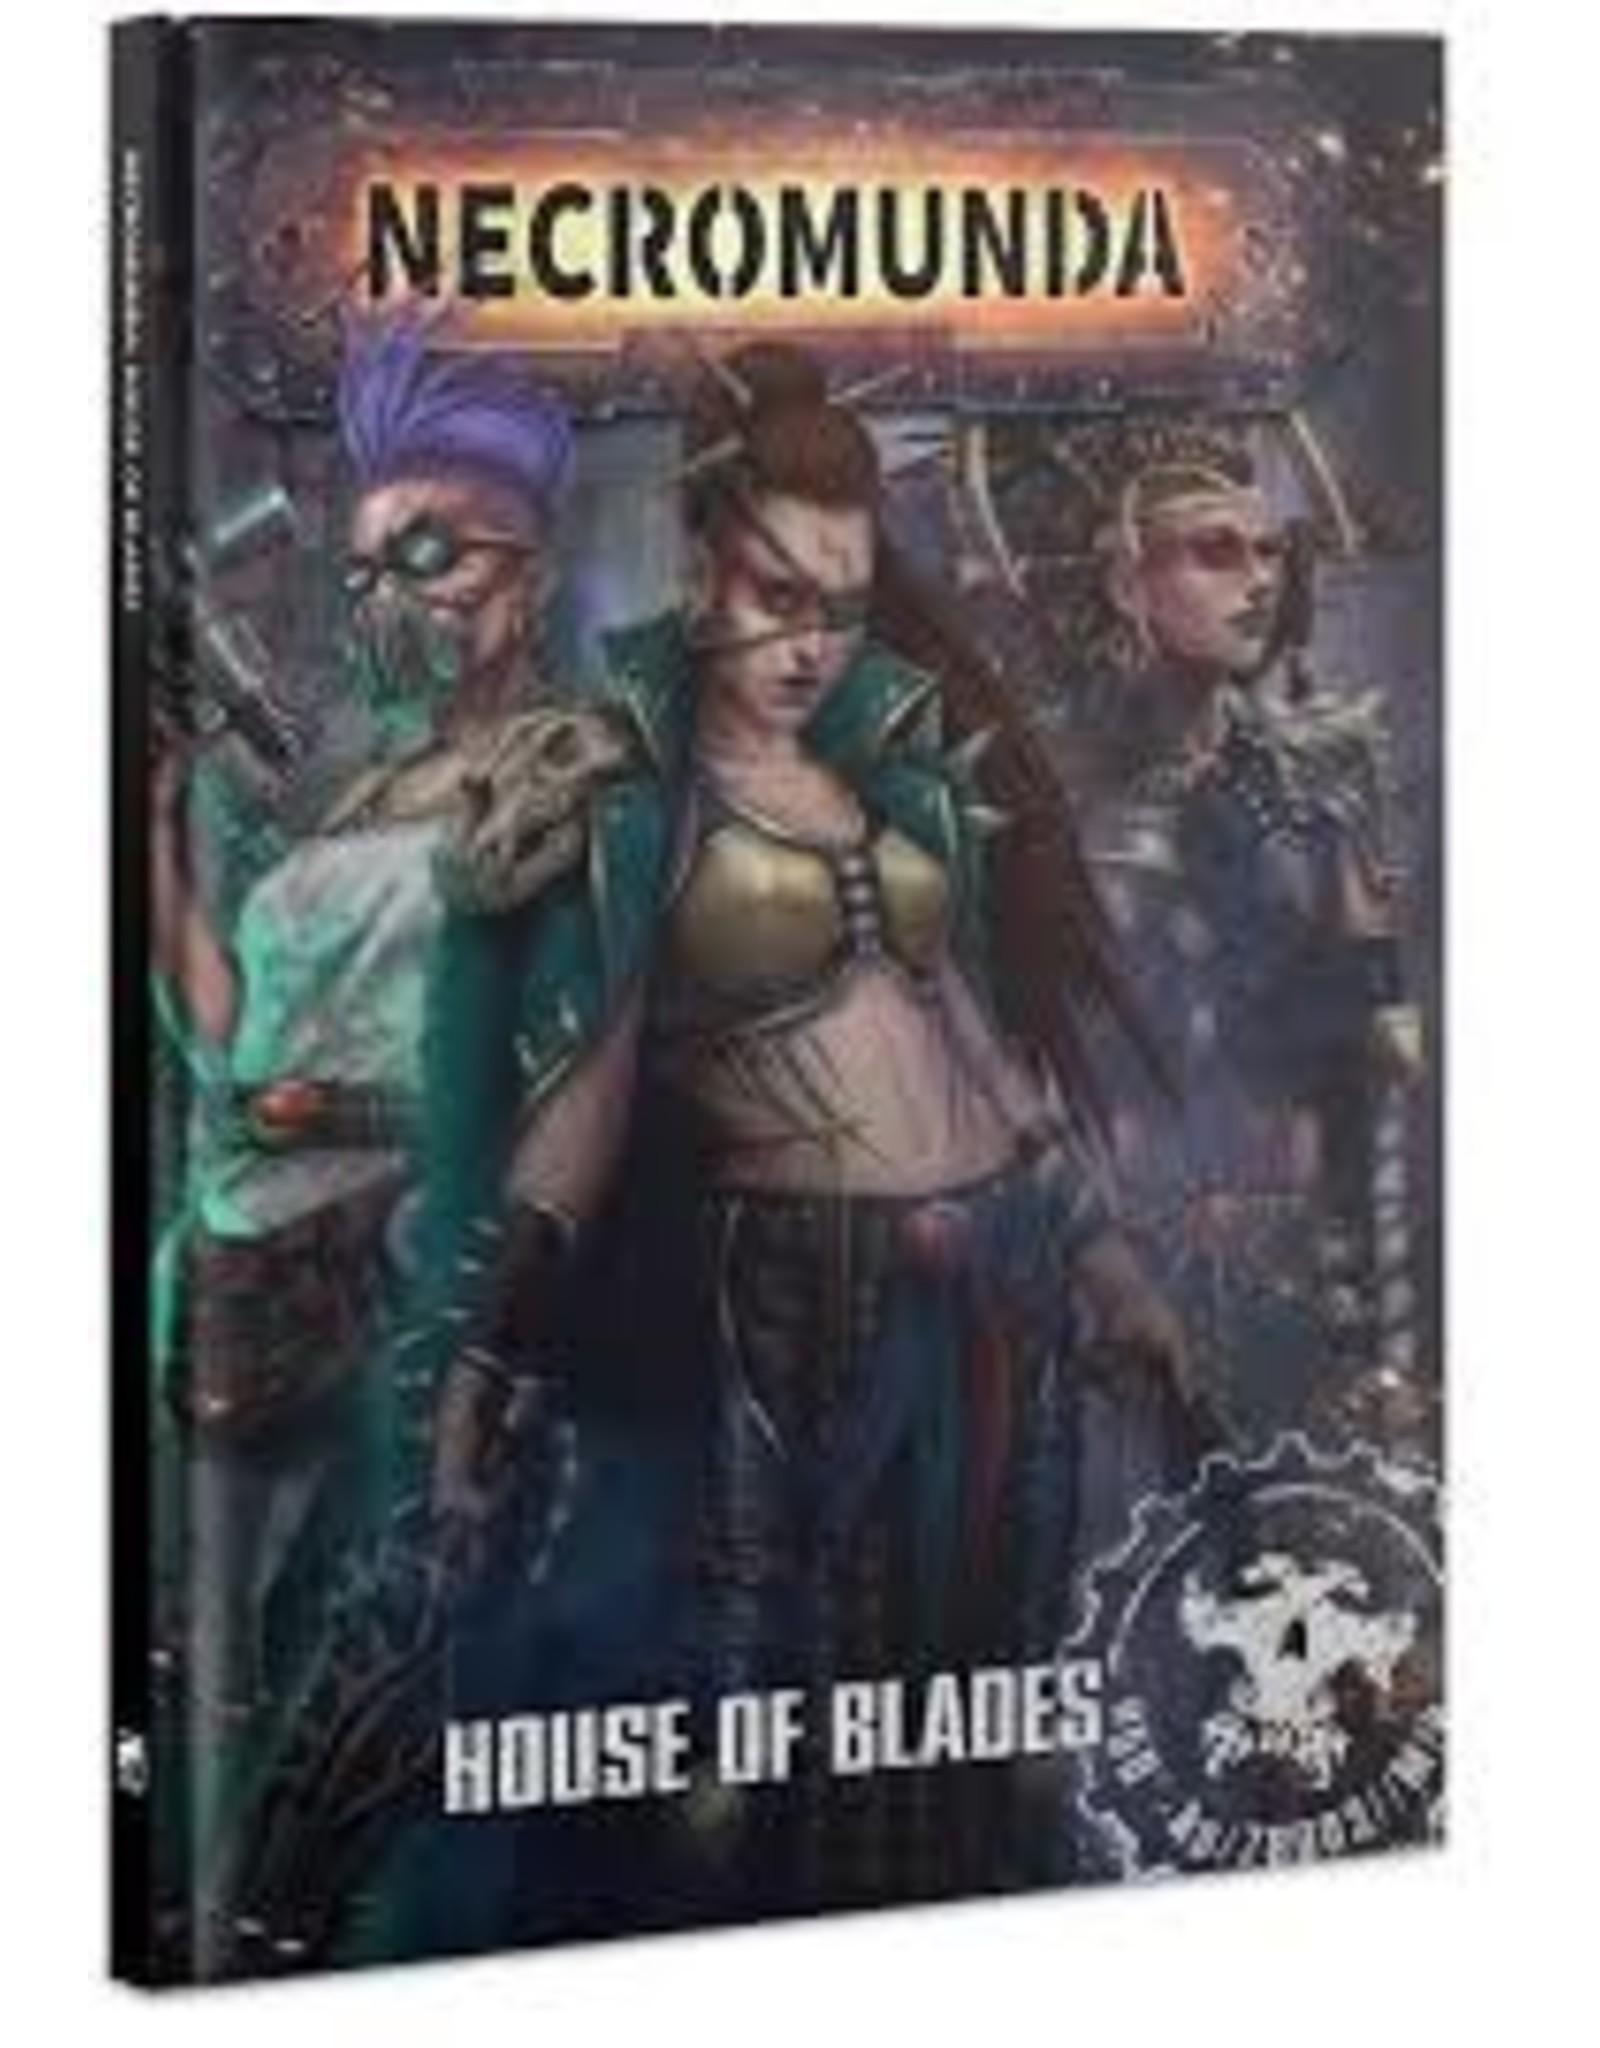 Necromunda Necromunda: House of Blades